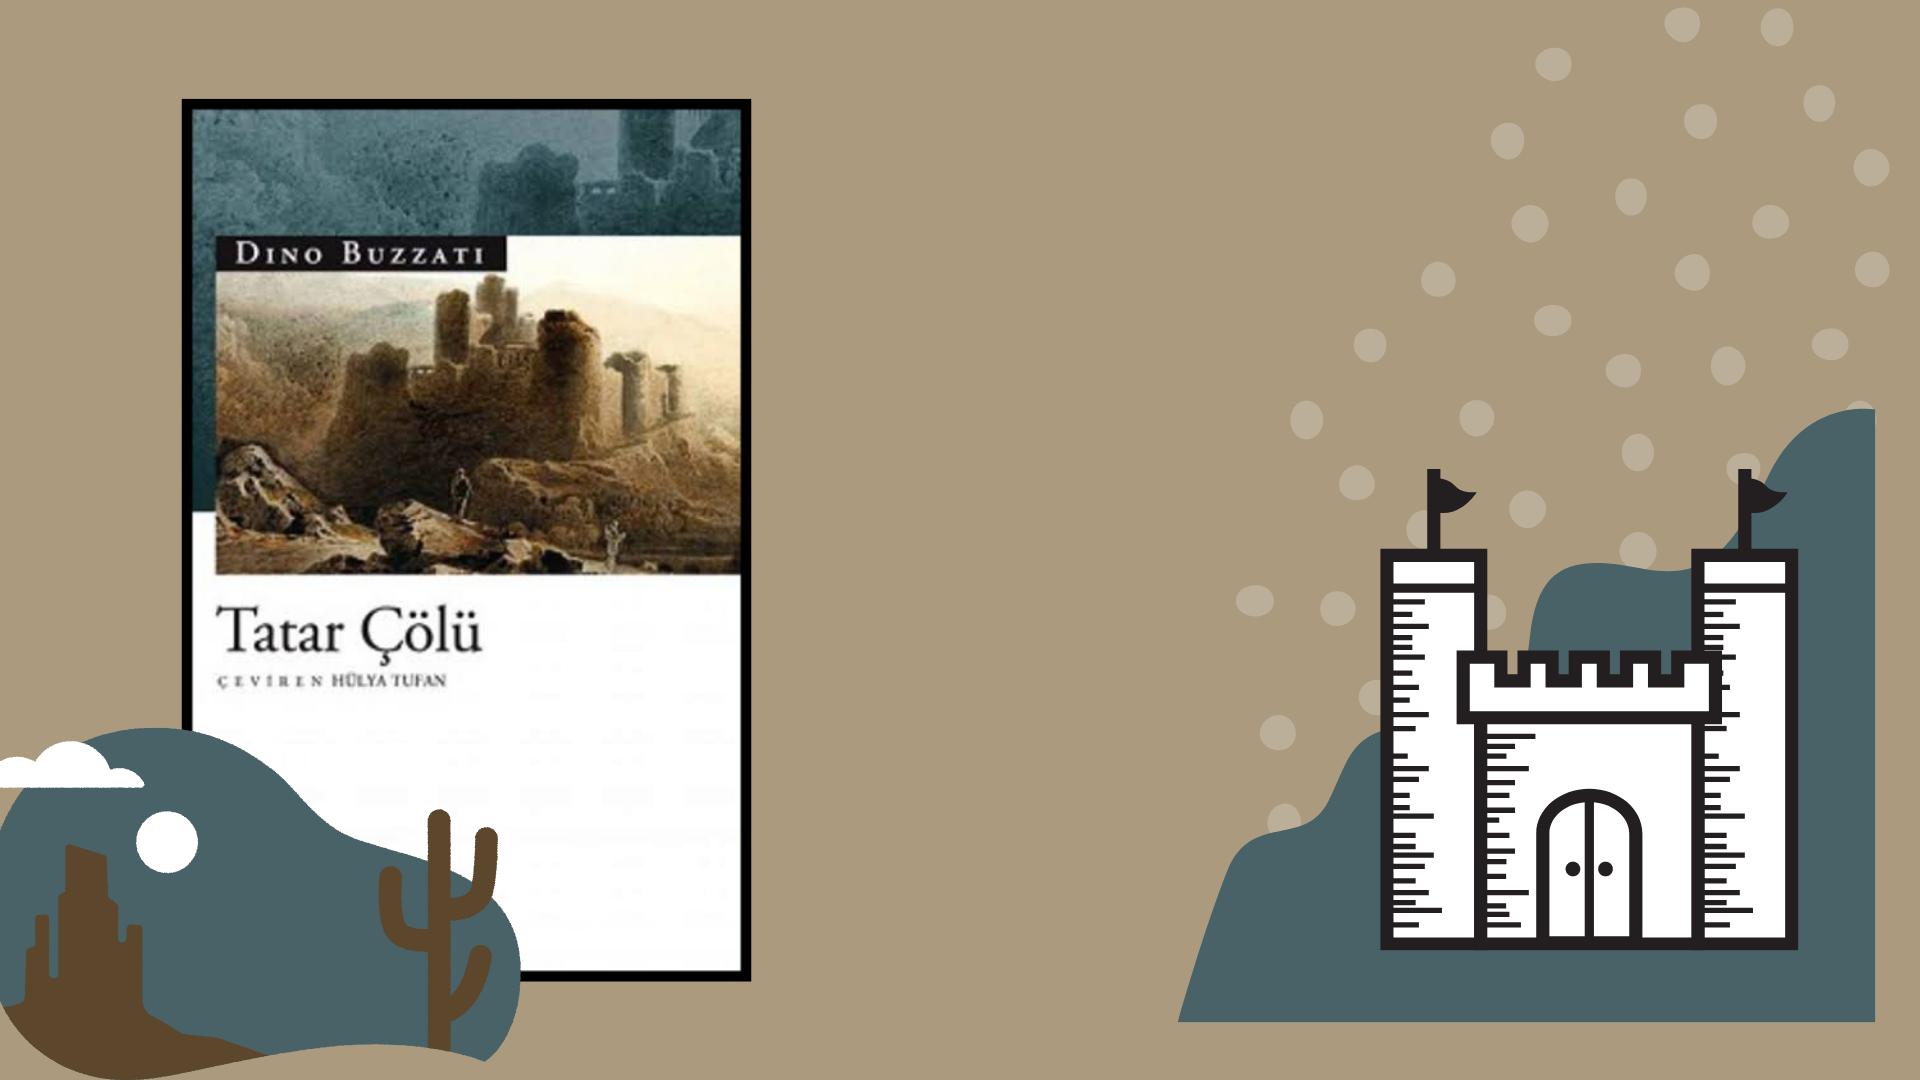 Kitap: Tatar Çölü   Yazar: Dino Buzzati   Yorumlayan: Hülya Erarslan